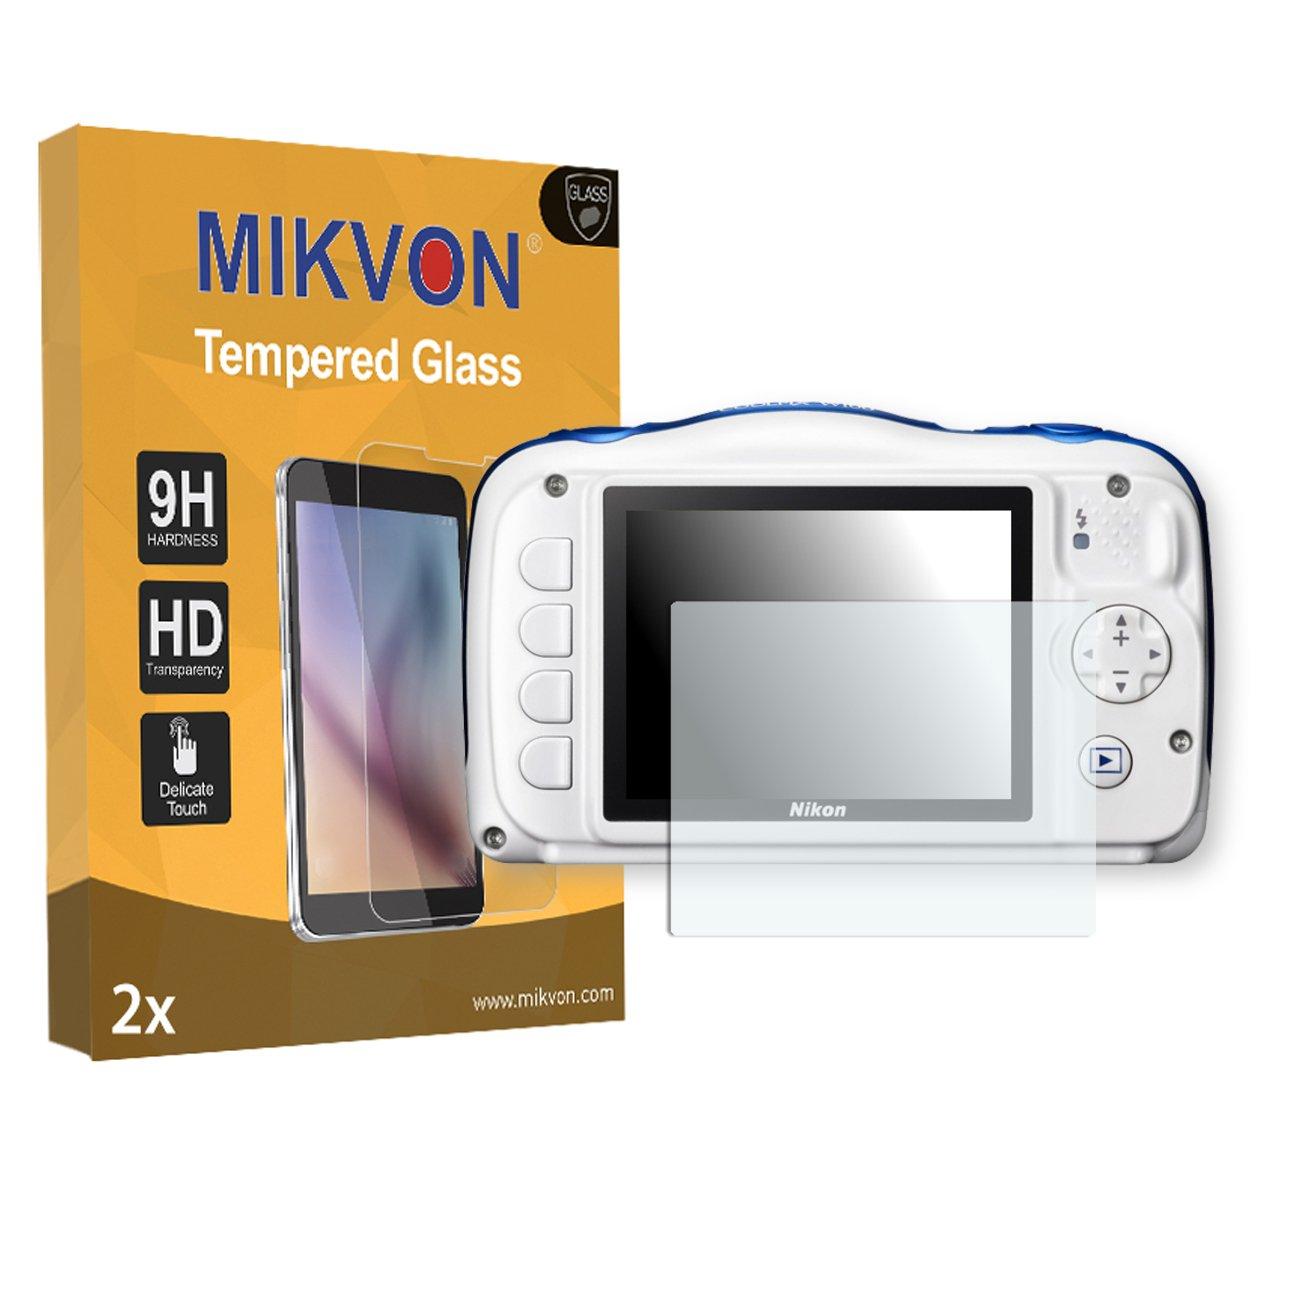 MIKVON 2X Flessibile Tempered Glass 9H per Nikon COOLPIX W100 Pellicola Protettiva Confezione ed Accessori